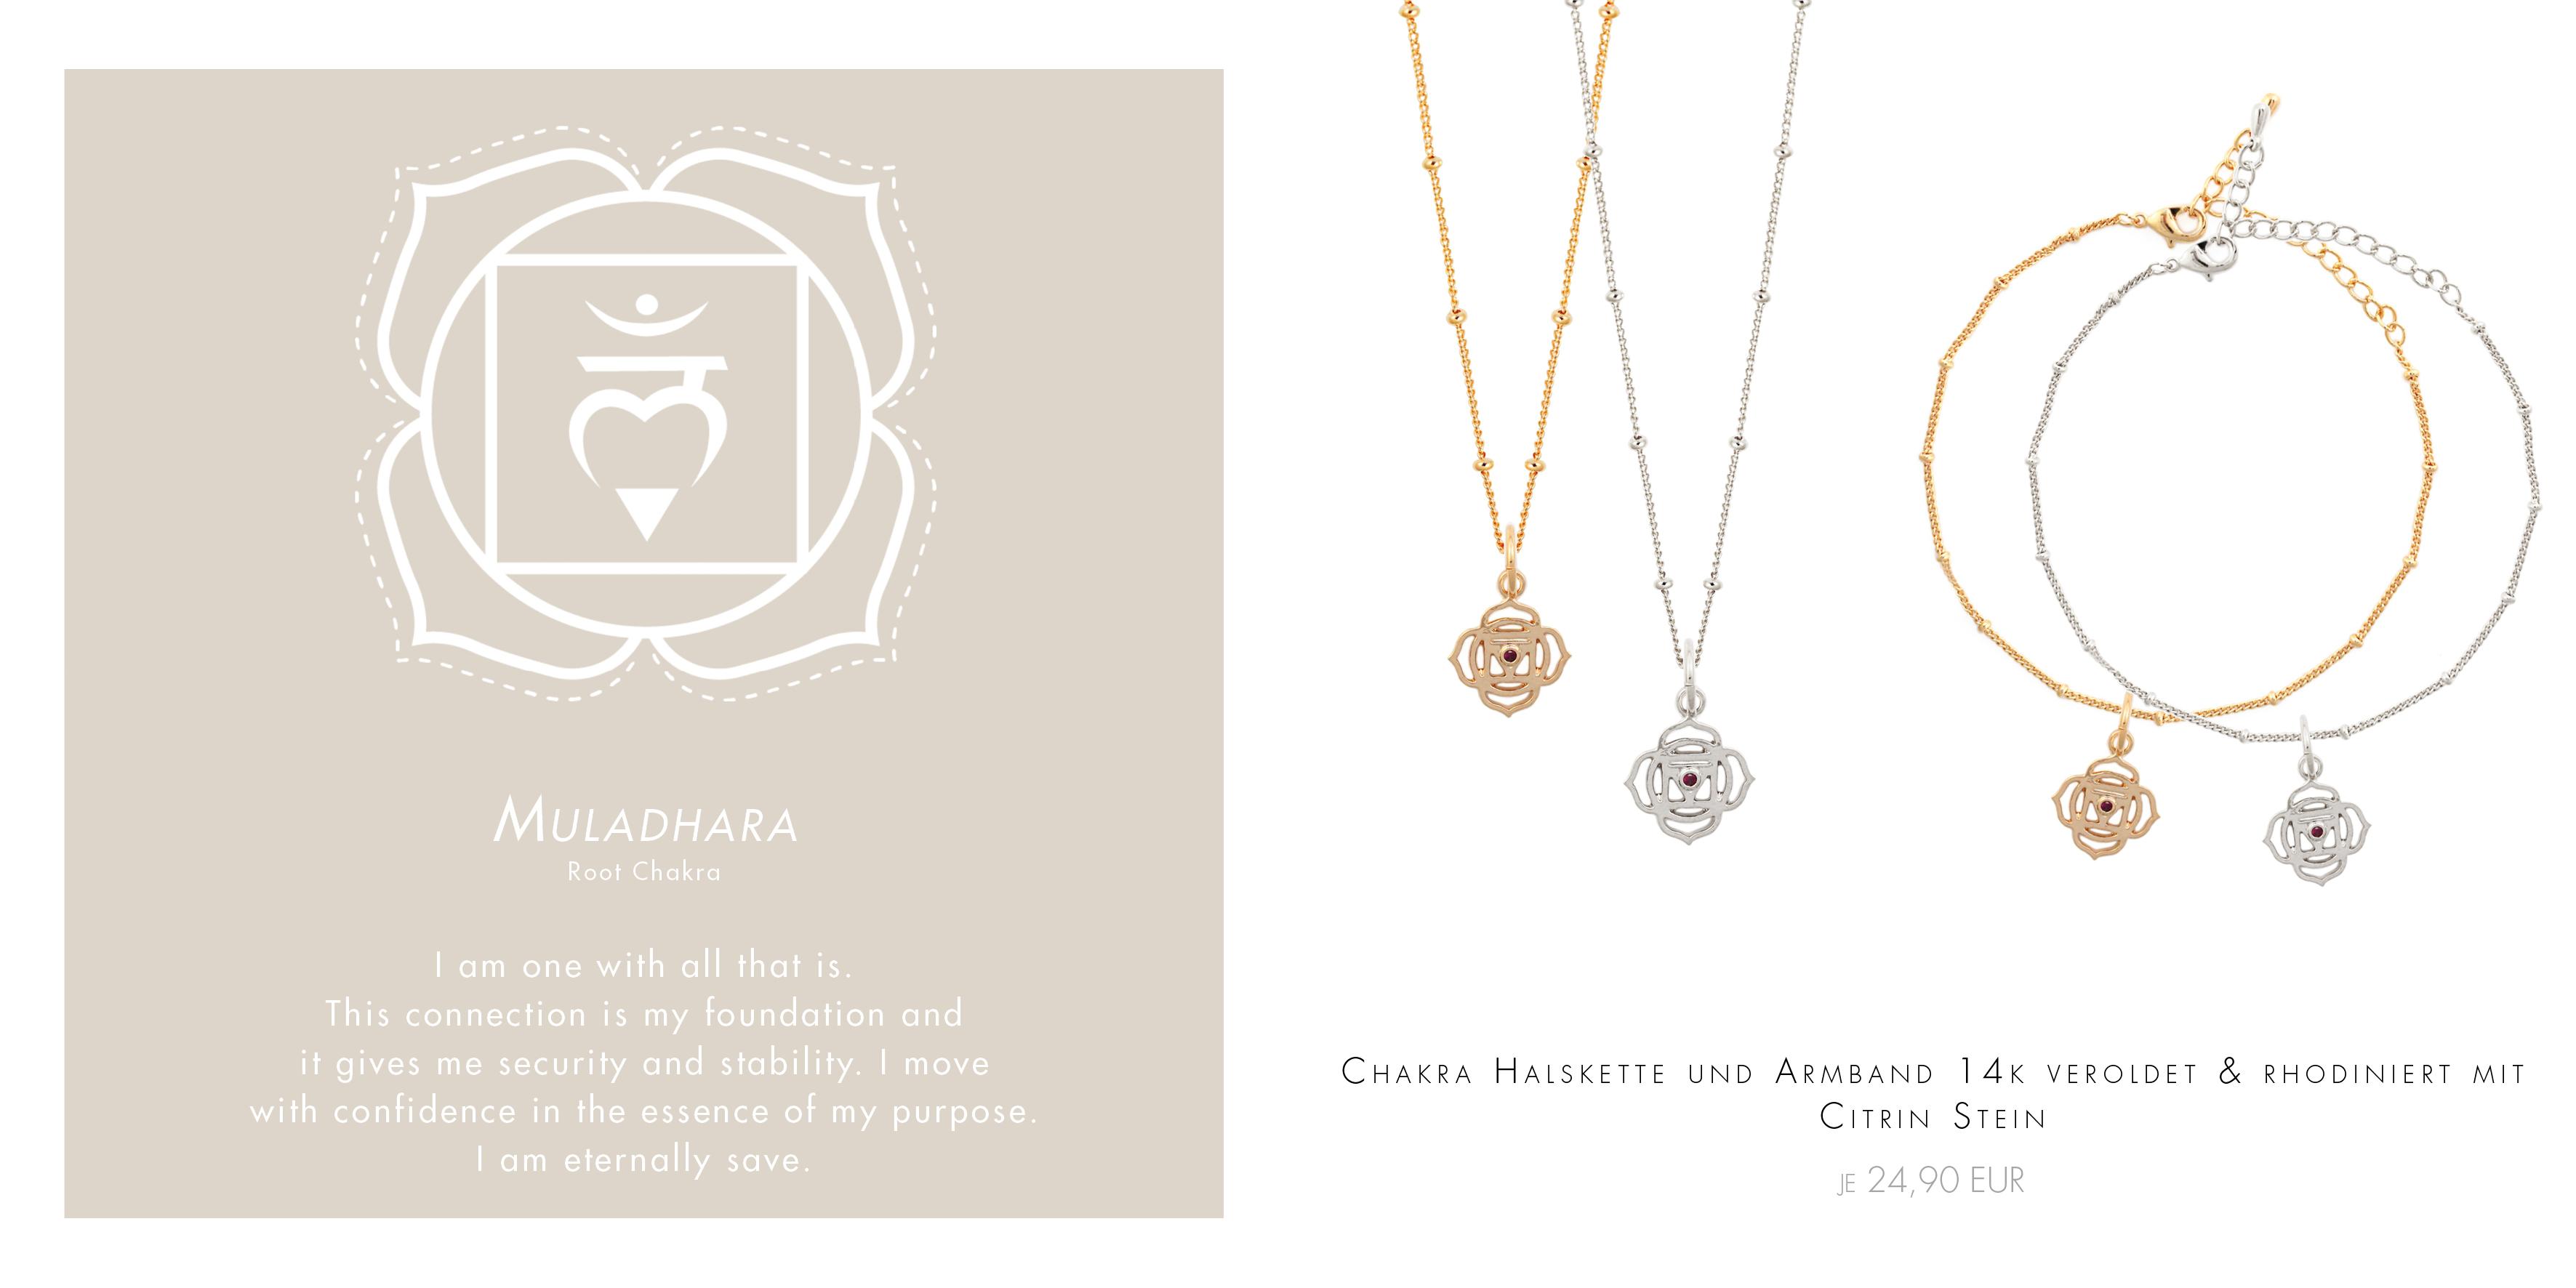 Buddhistische Armbänder mit Chakra-Symbolen Madeleine Issing